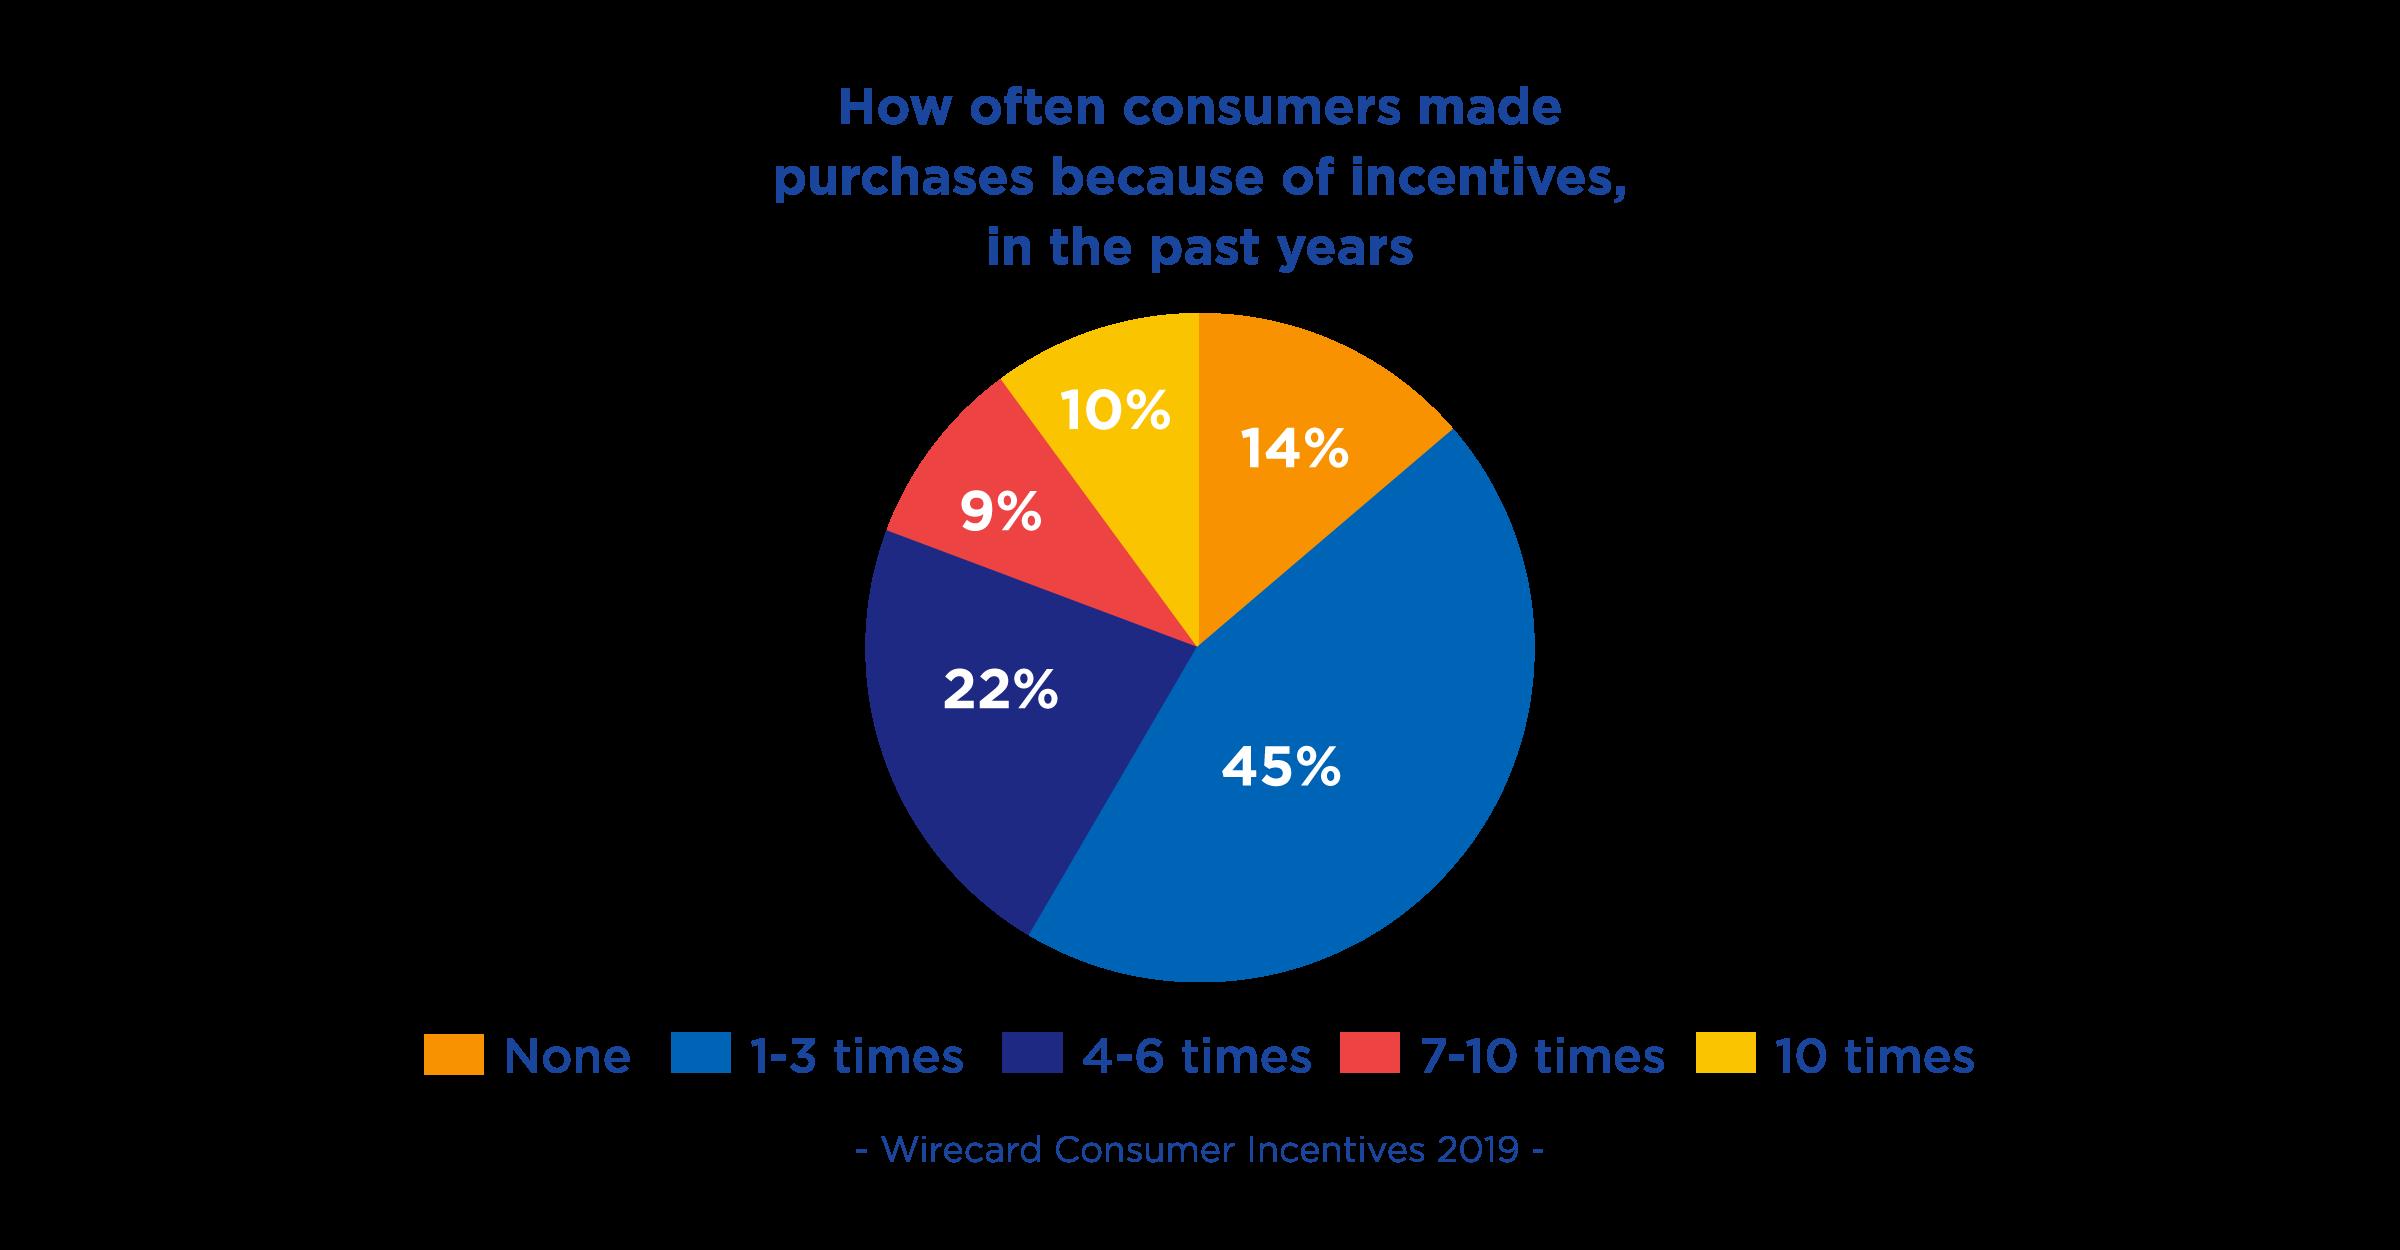 Wirecard Consumer Incentive 2019